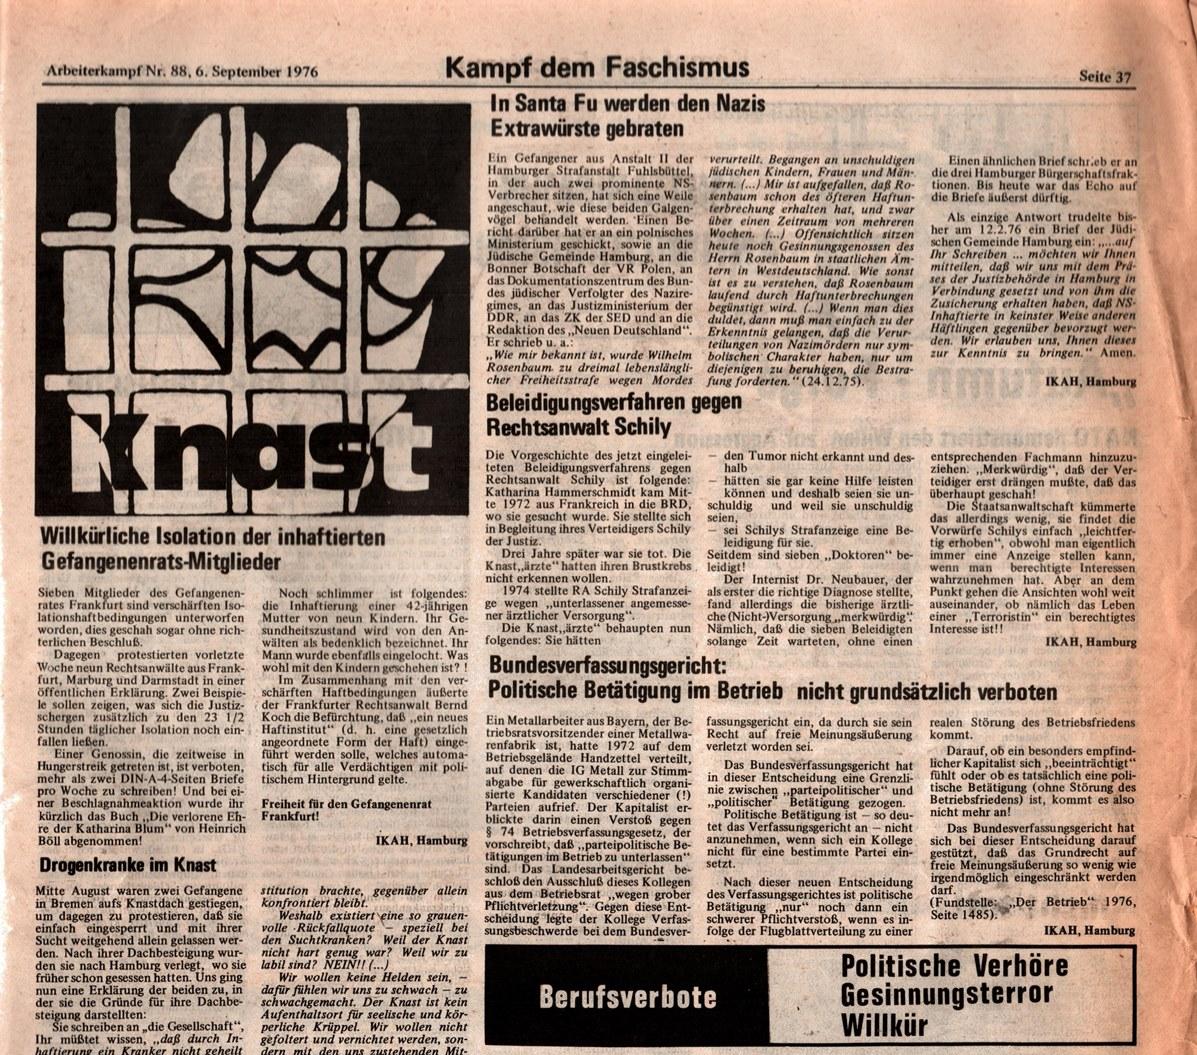 KB_AK_1976_088_073